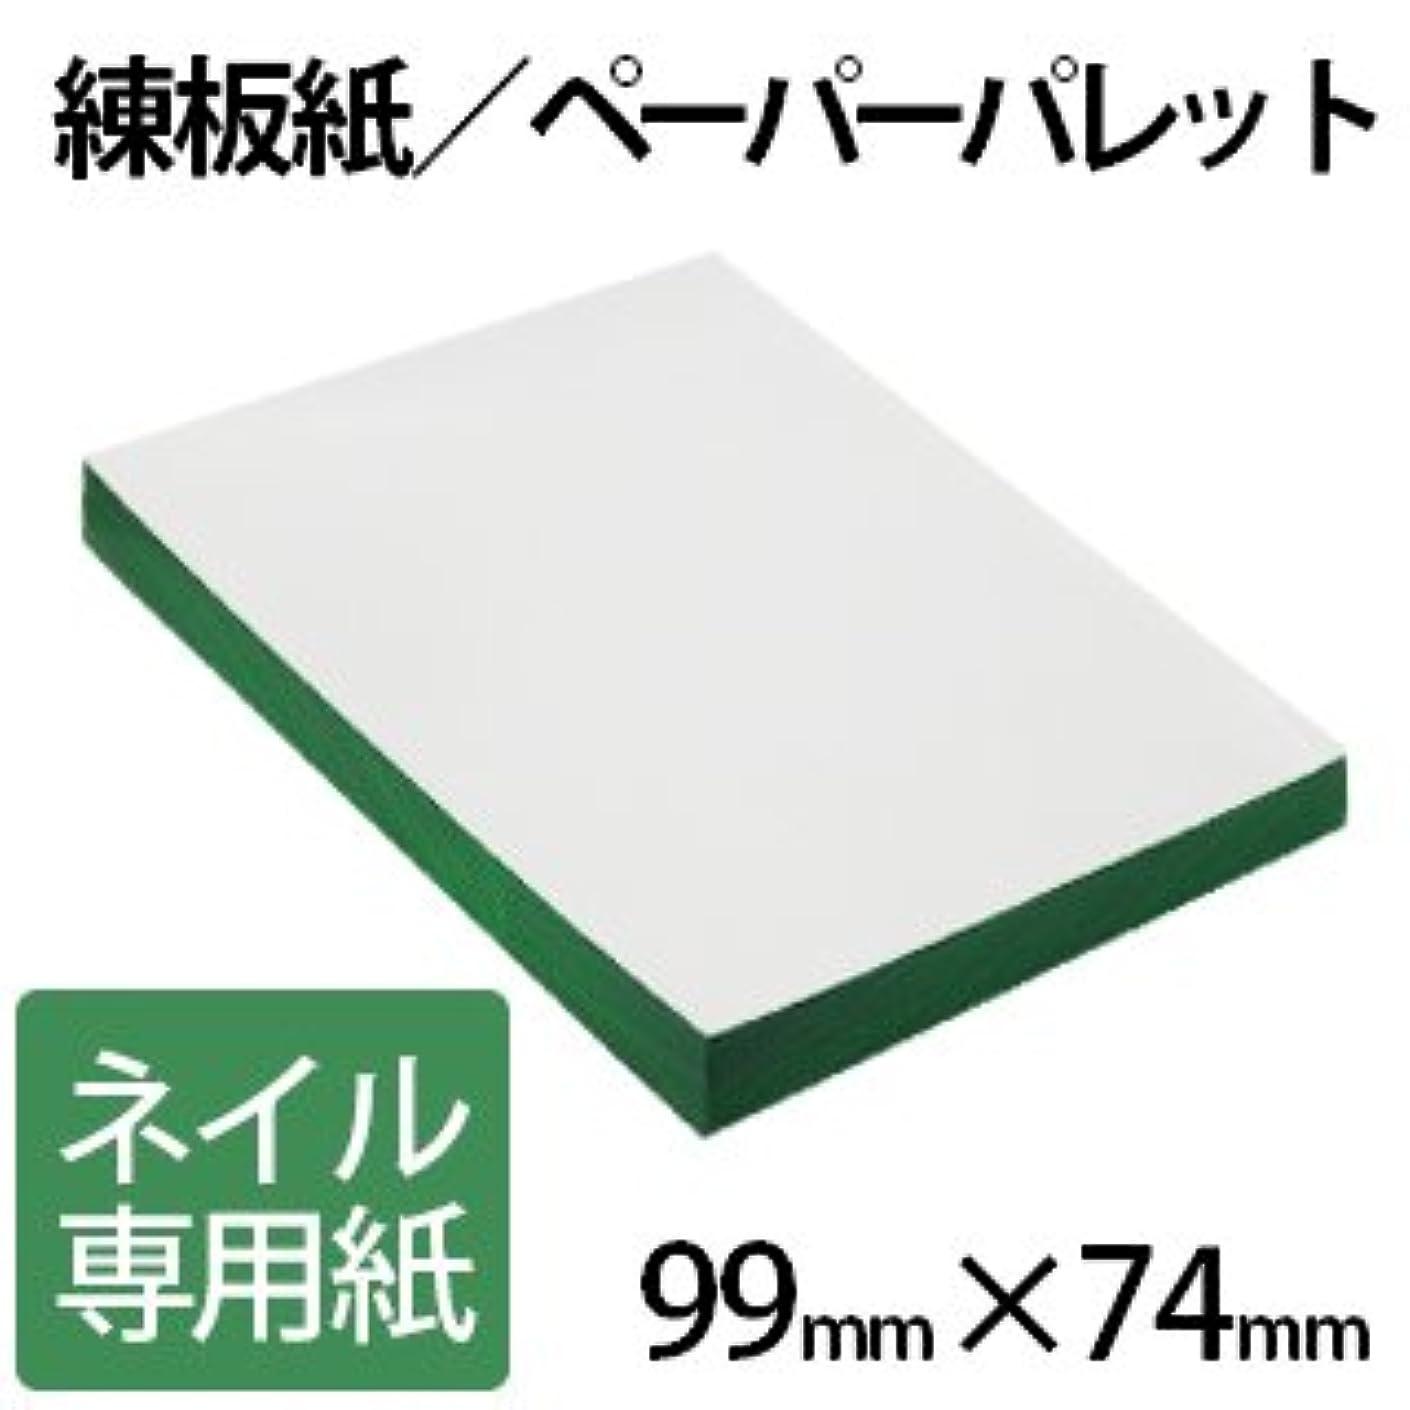 散らすモネ調べるネイル用 練板紙 ペーパーパレット 使い捨て 練和紙